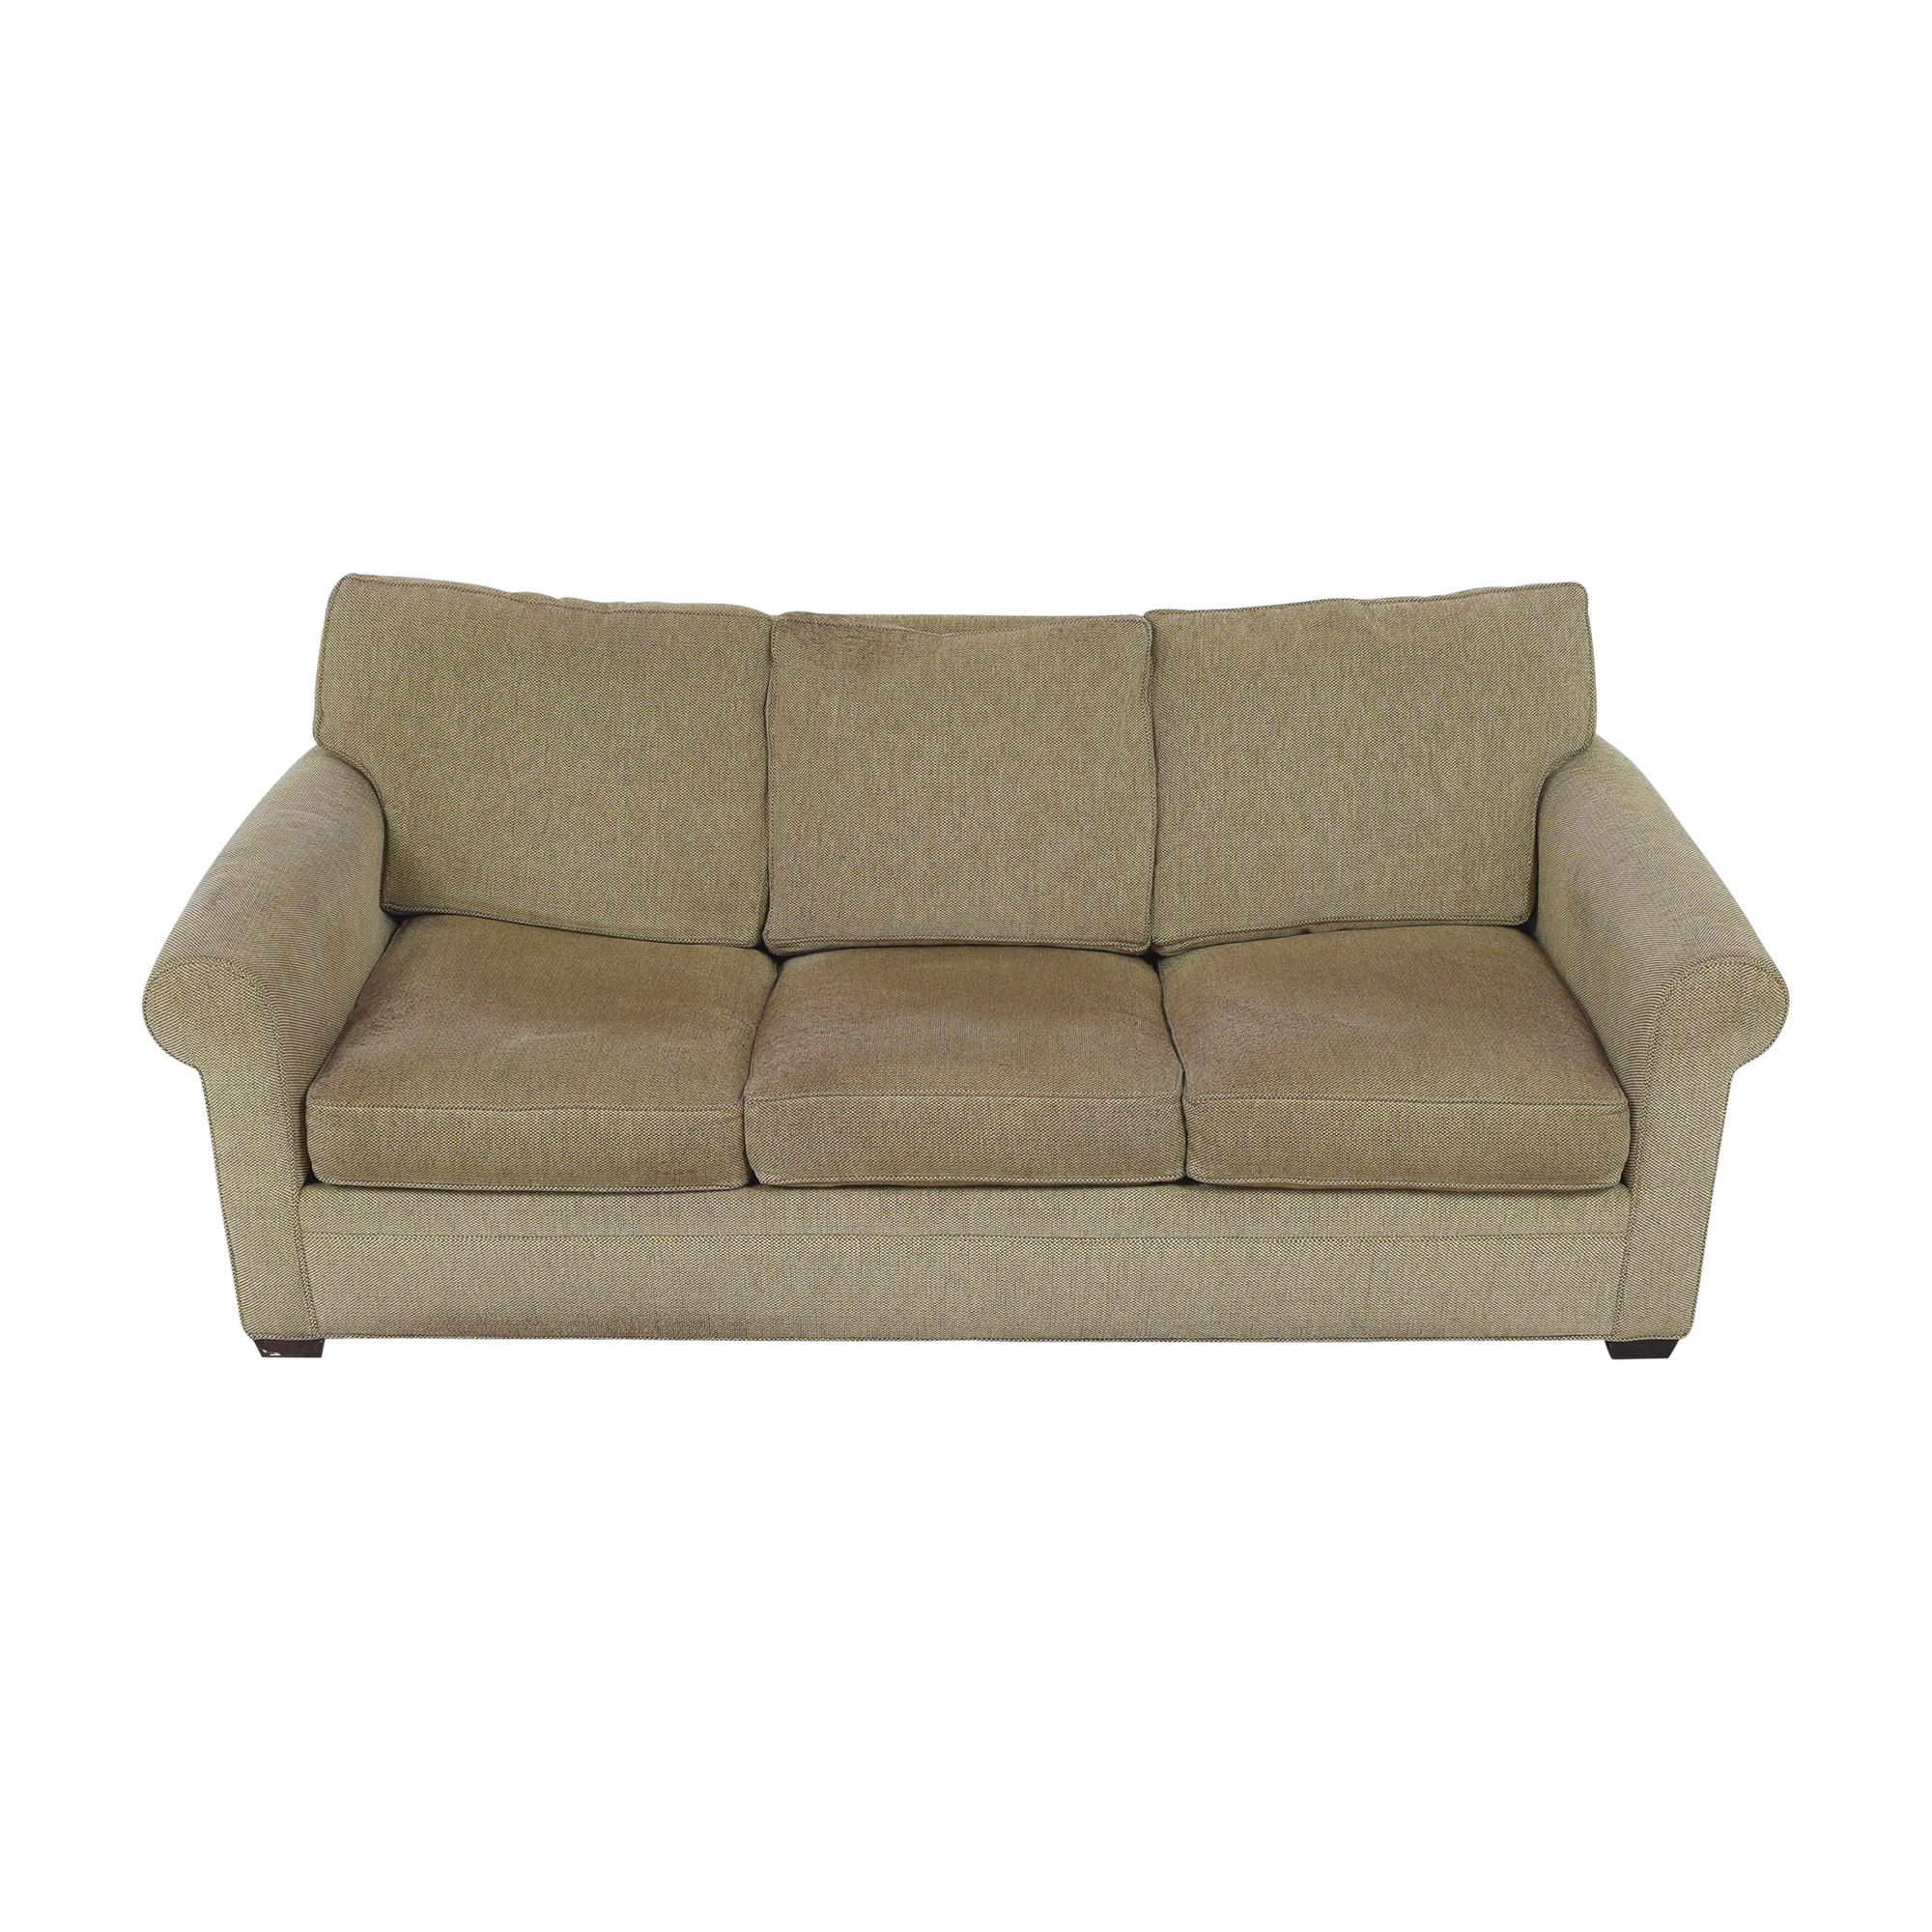 buy Crate & Barrel Three Cushion Sleeper Sofa Crate & Barrel